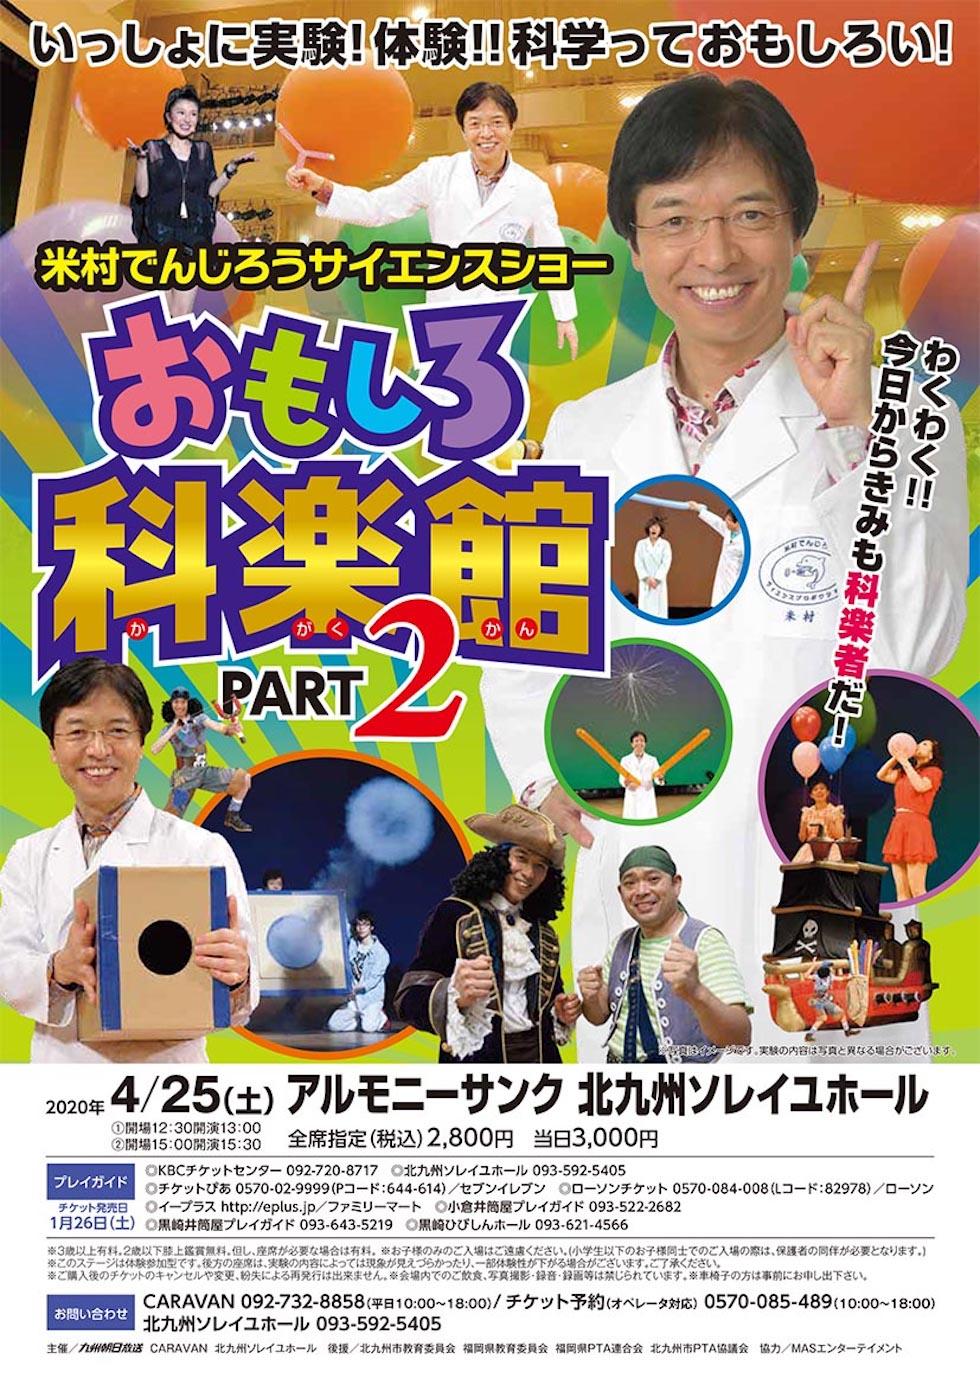 米村でんじろう サイエンスショー 「おもしろ科楽館PART2」